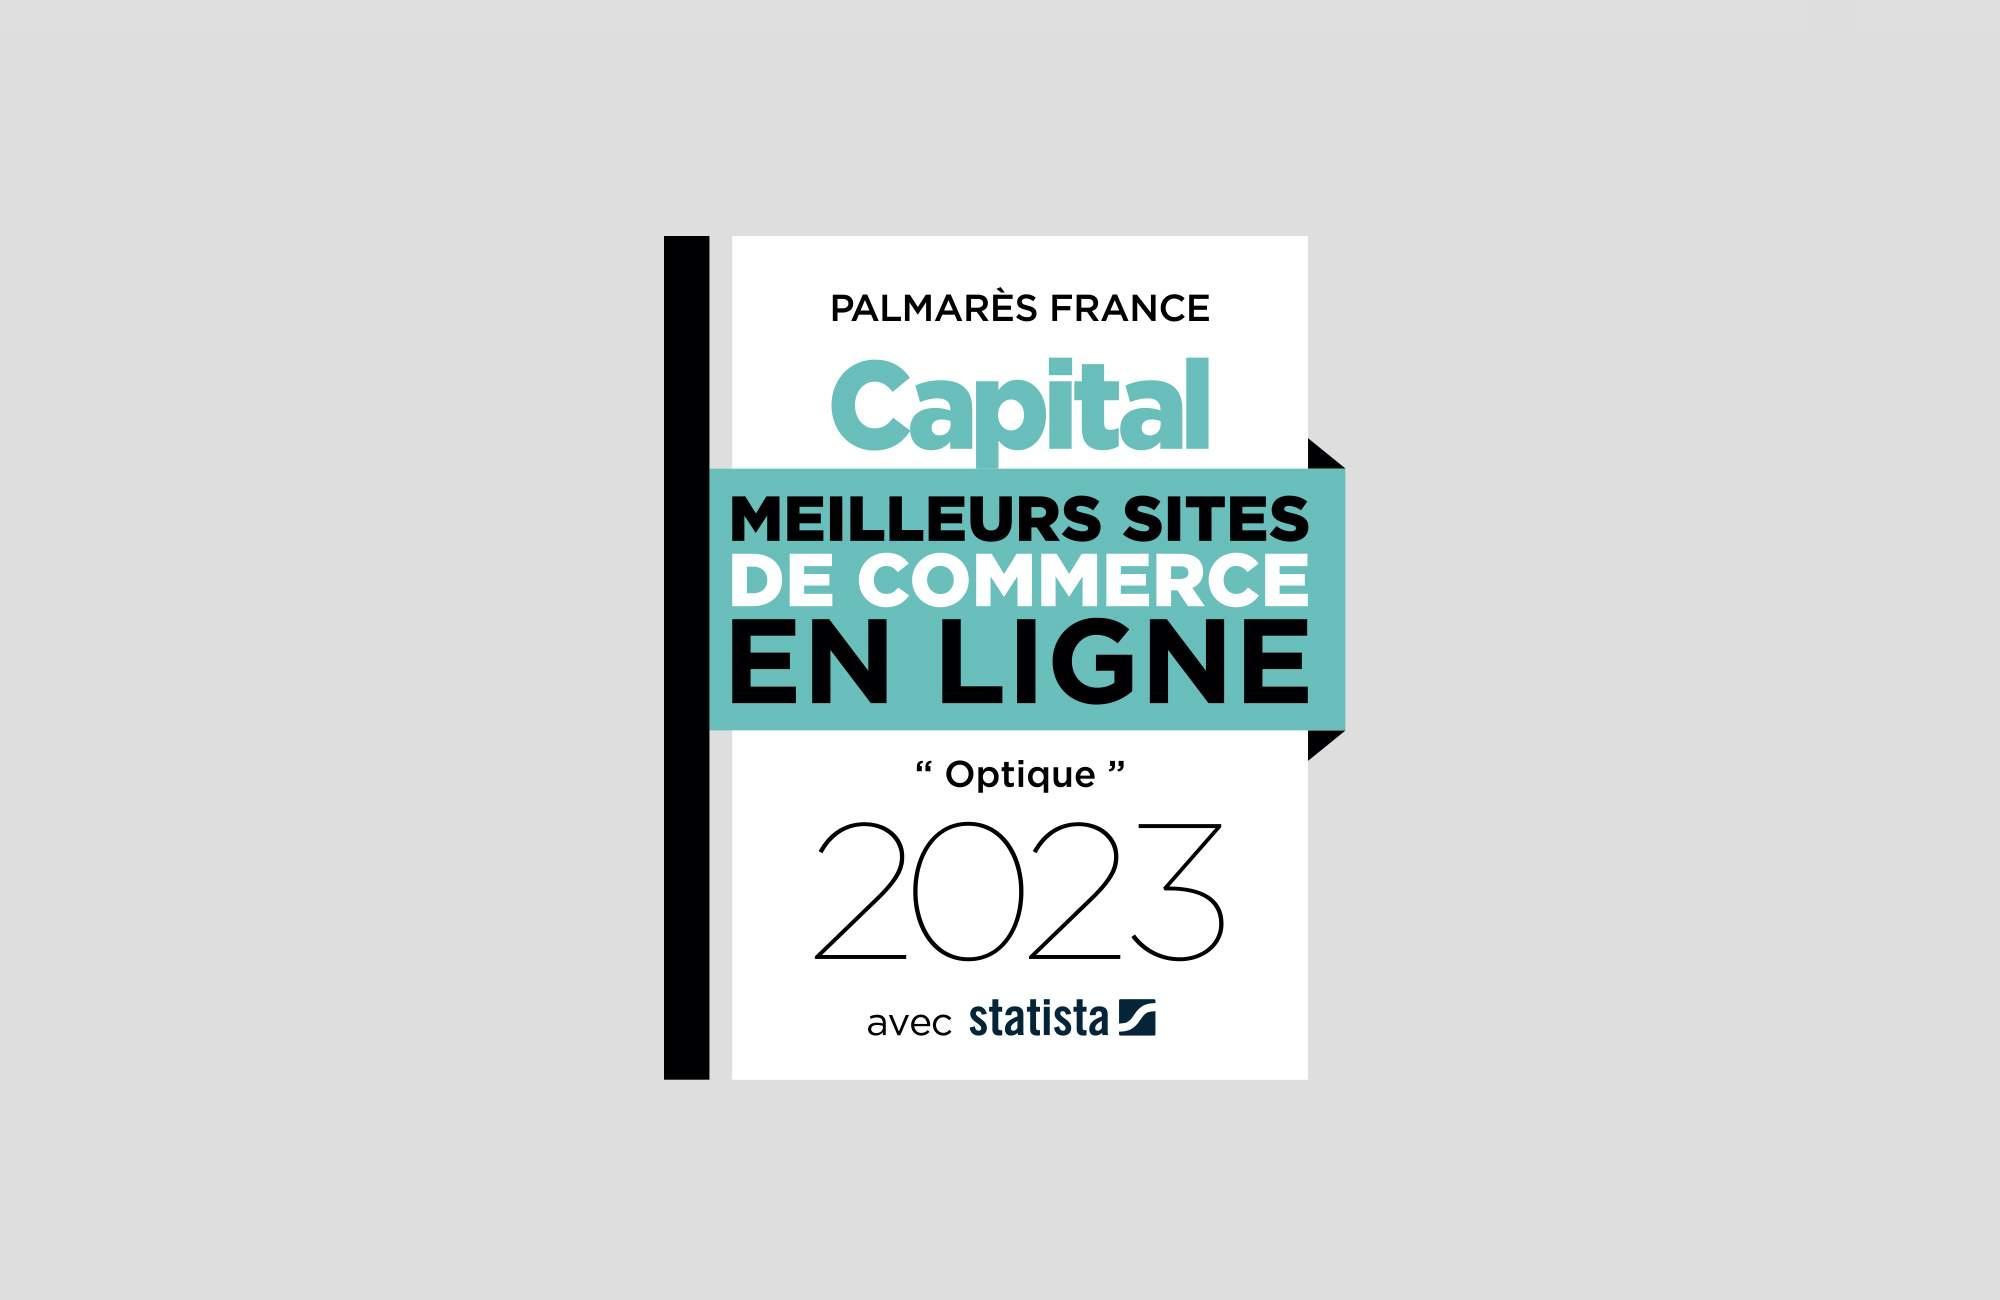 Visiofactory, meilleur opticien en ligne selon Capital